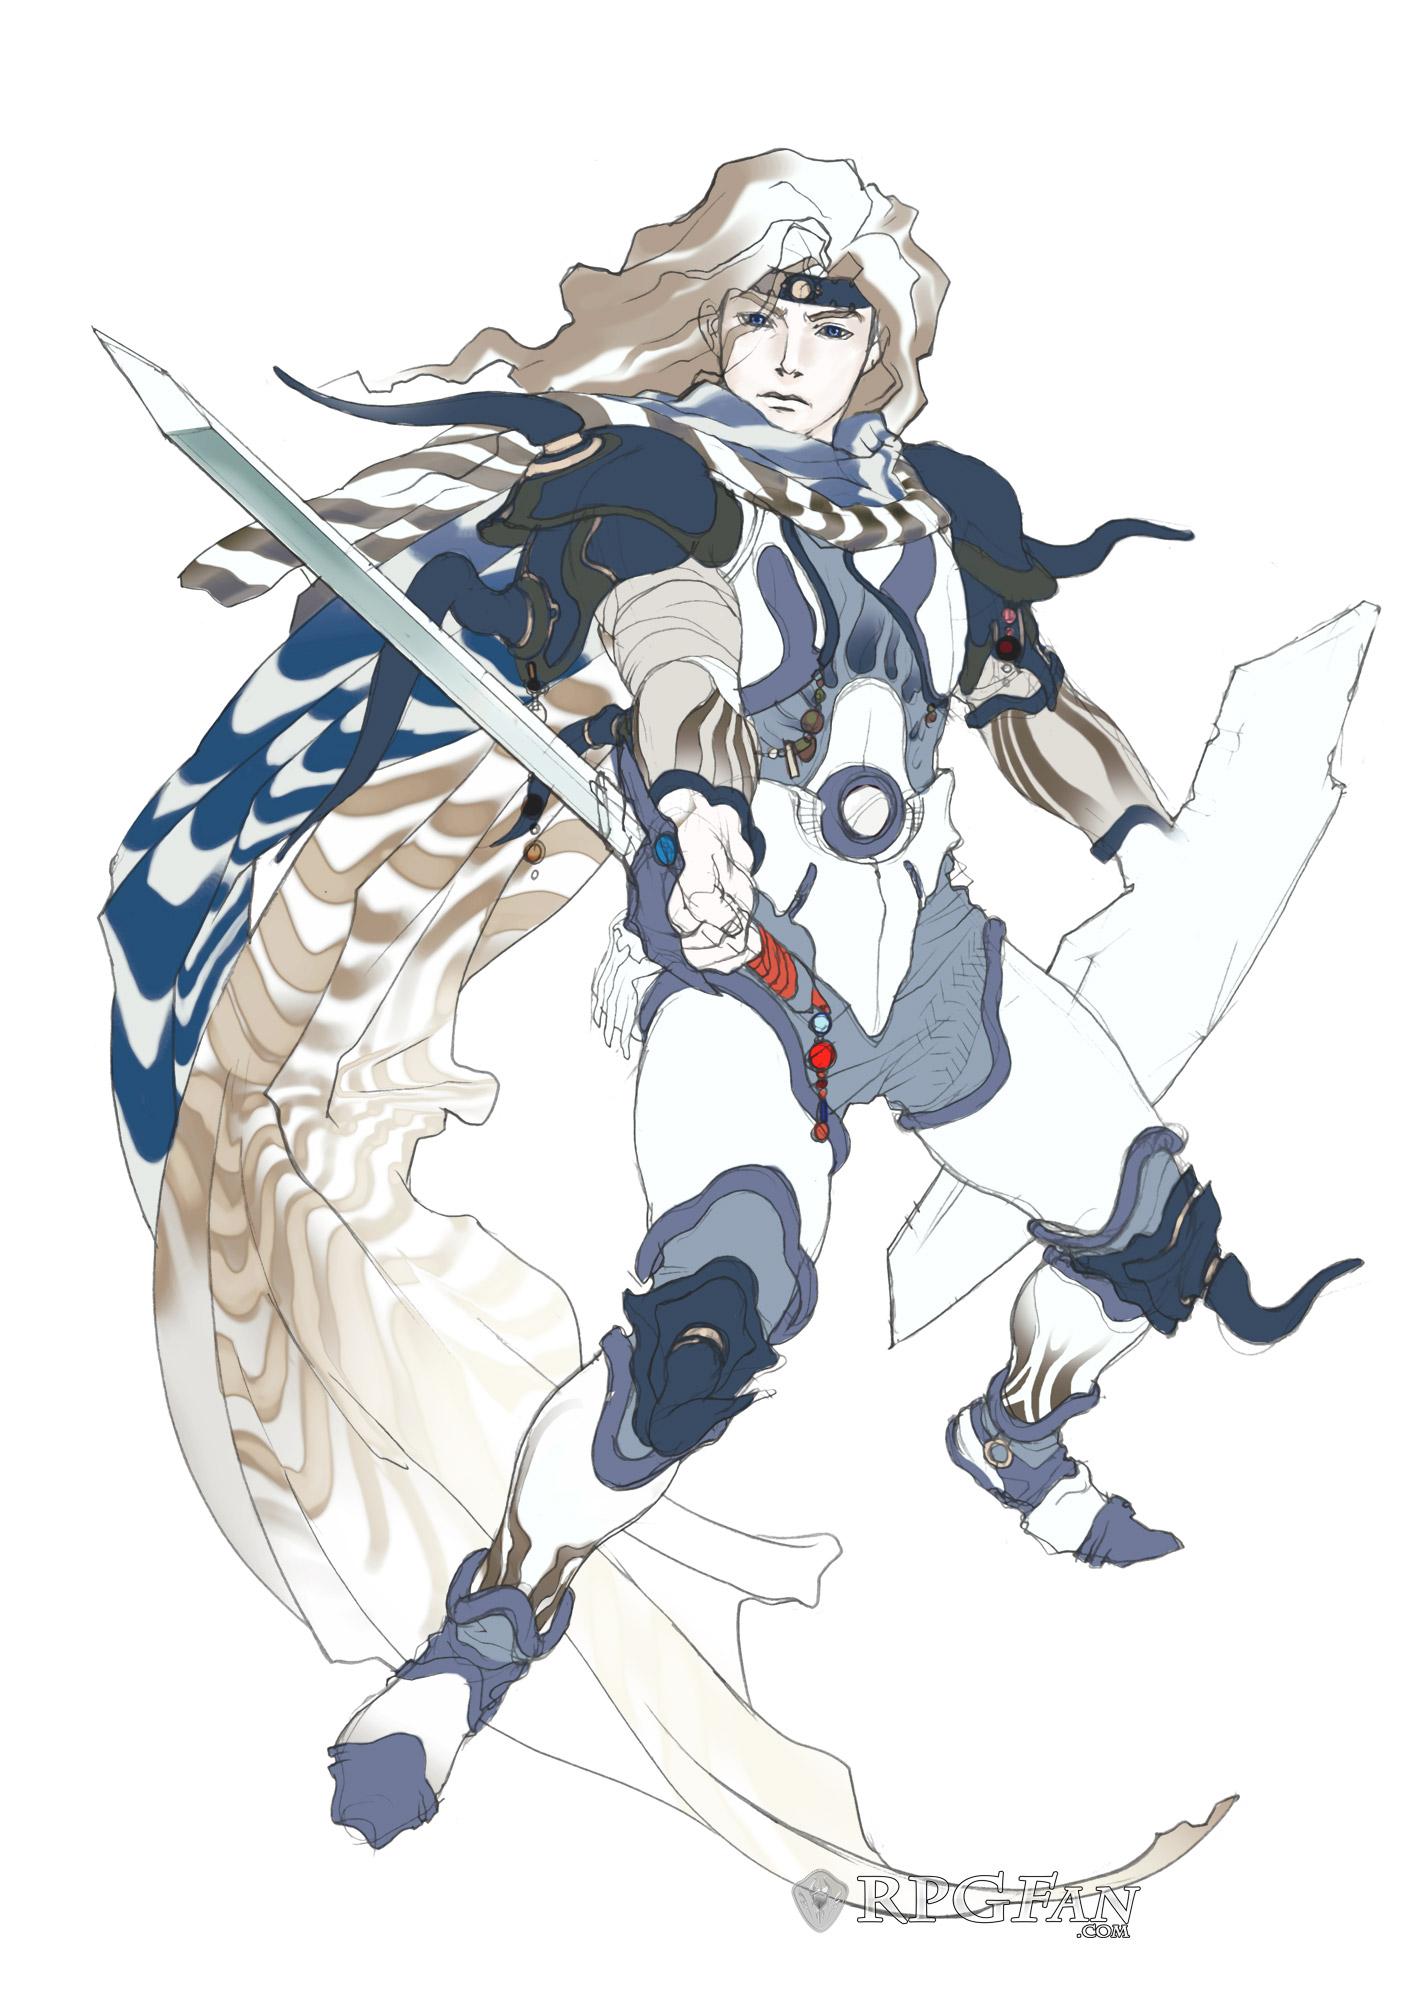 Cuidado Spoiler   No sigas leyendo si no quieres descubrir detalles    Final Fantasy Iv Cecil Sprite